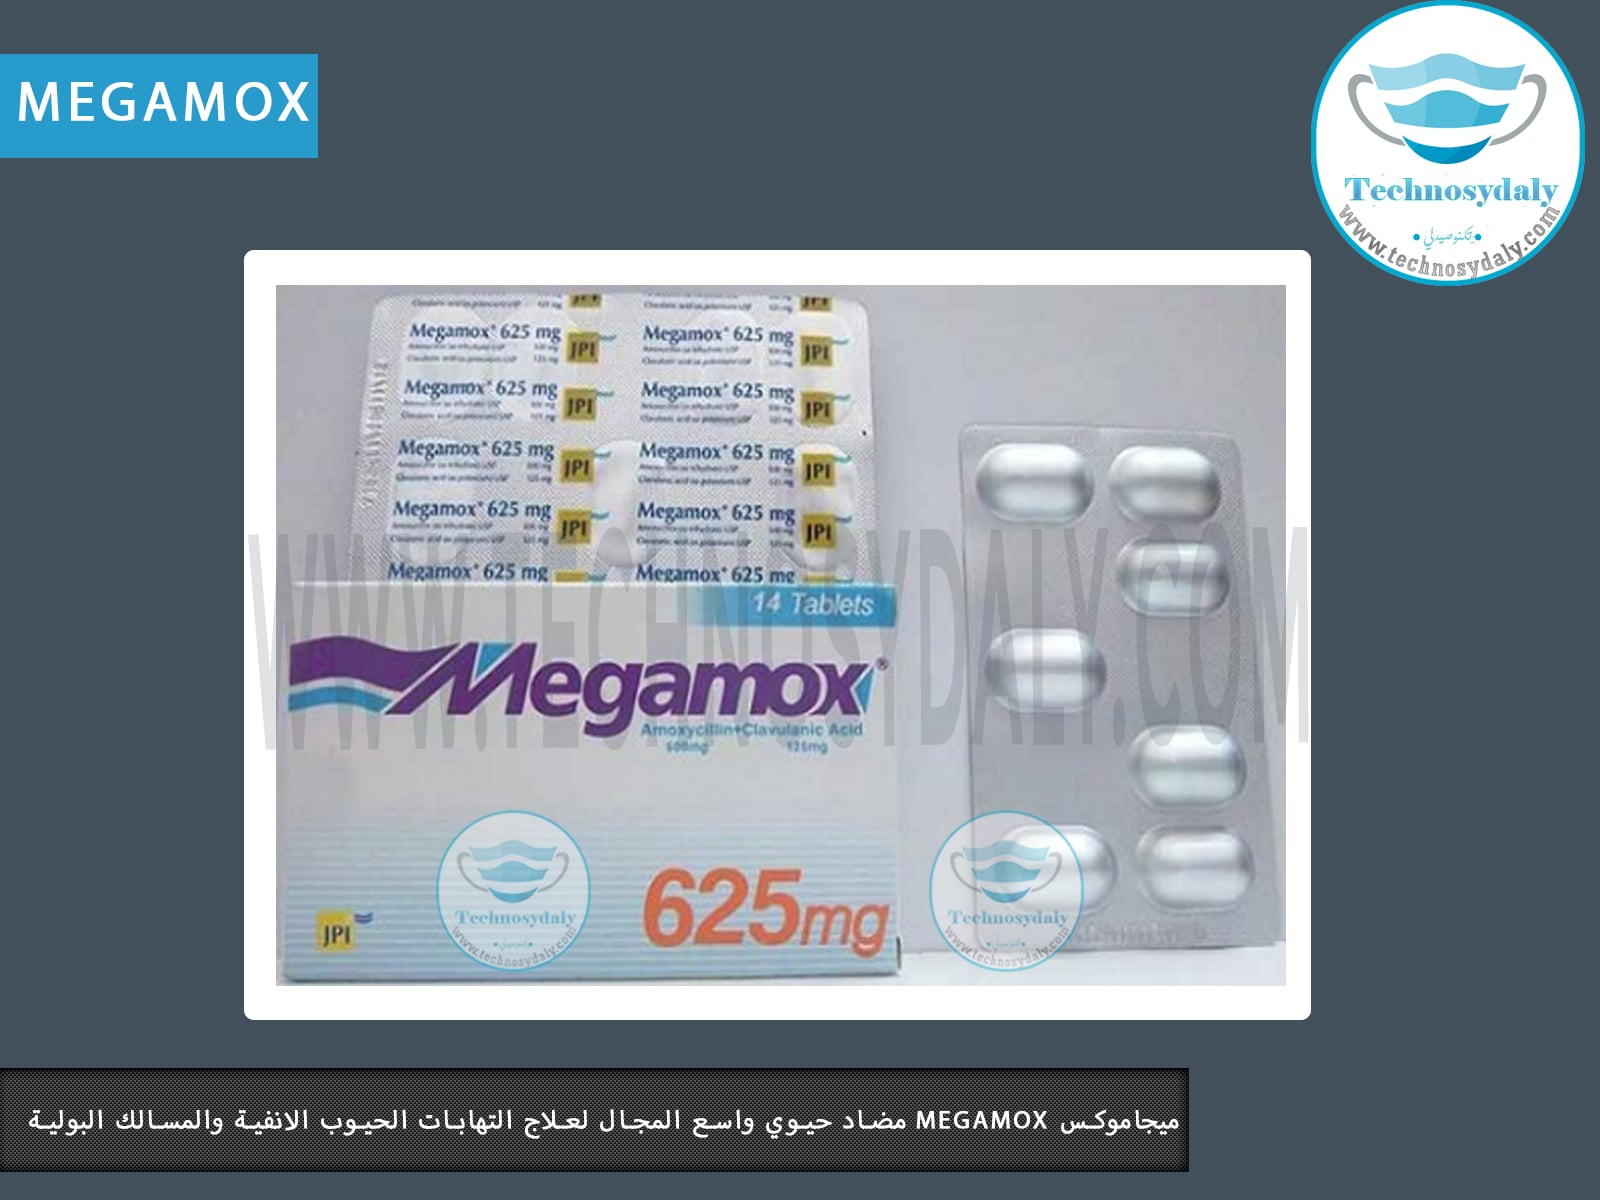 ميجاموكس megamox مضاد حيوي واسع المجال لعلاج التهابات الحيوب الانفية والمسالك البولية